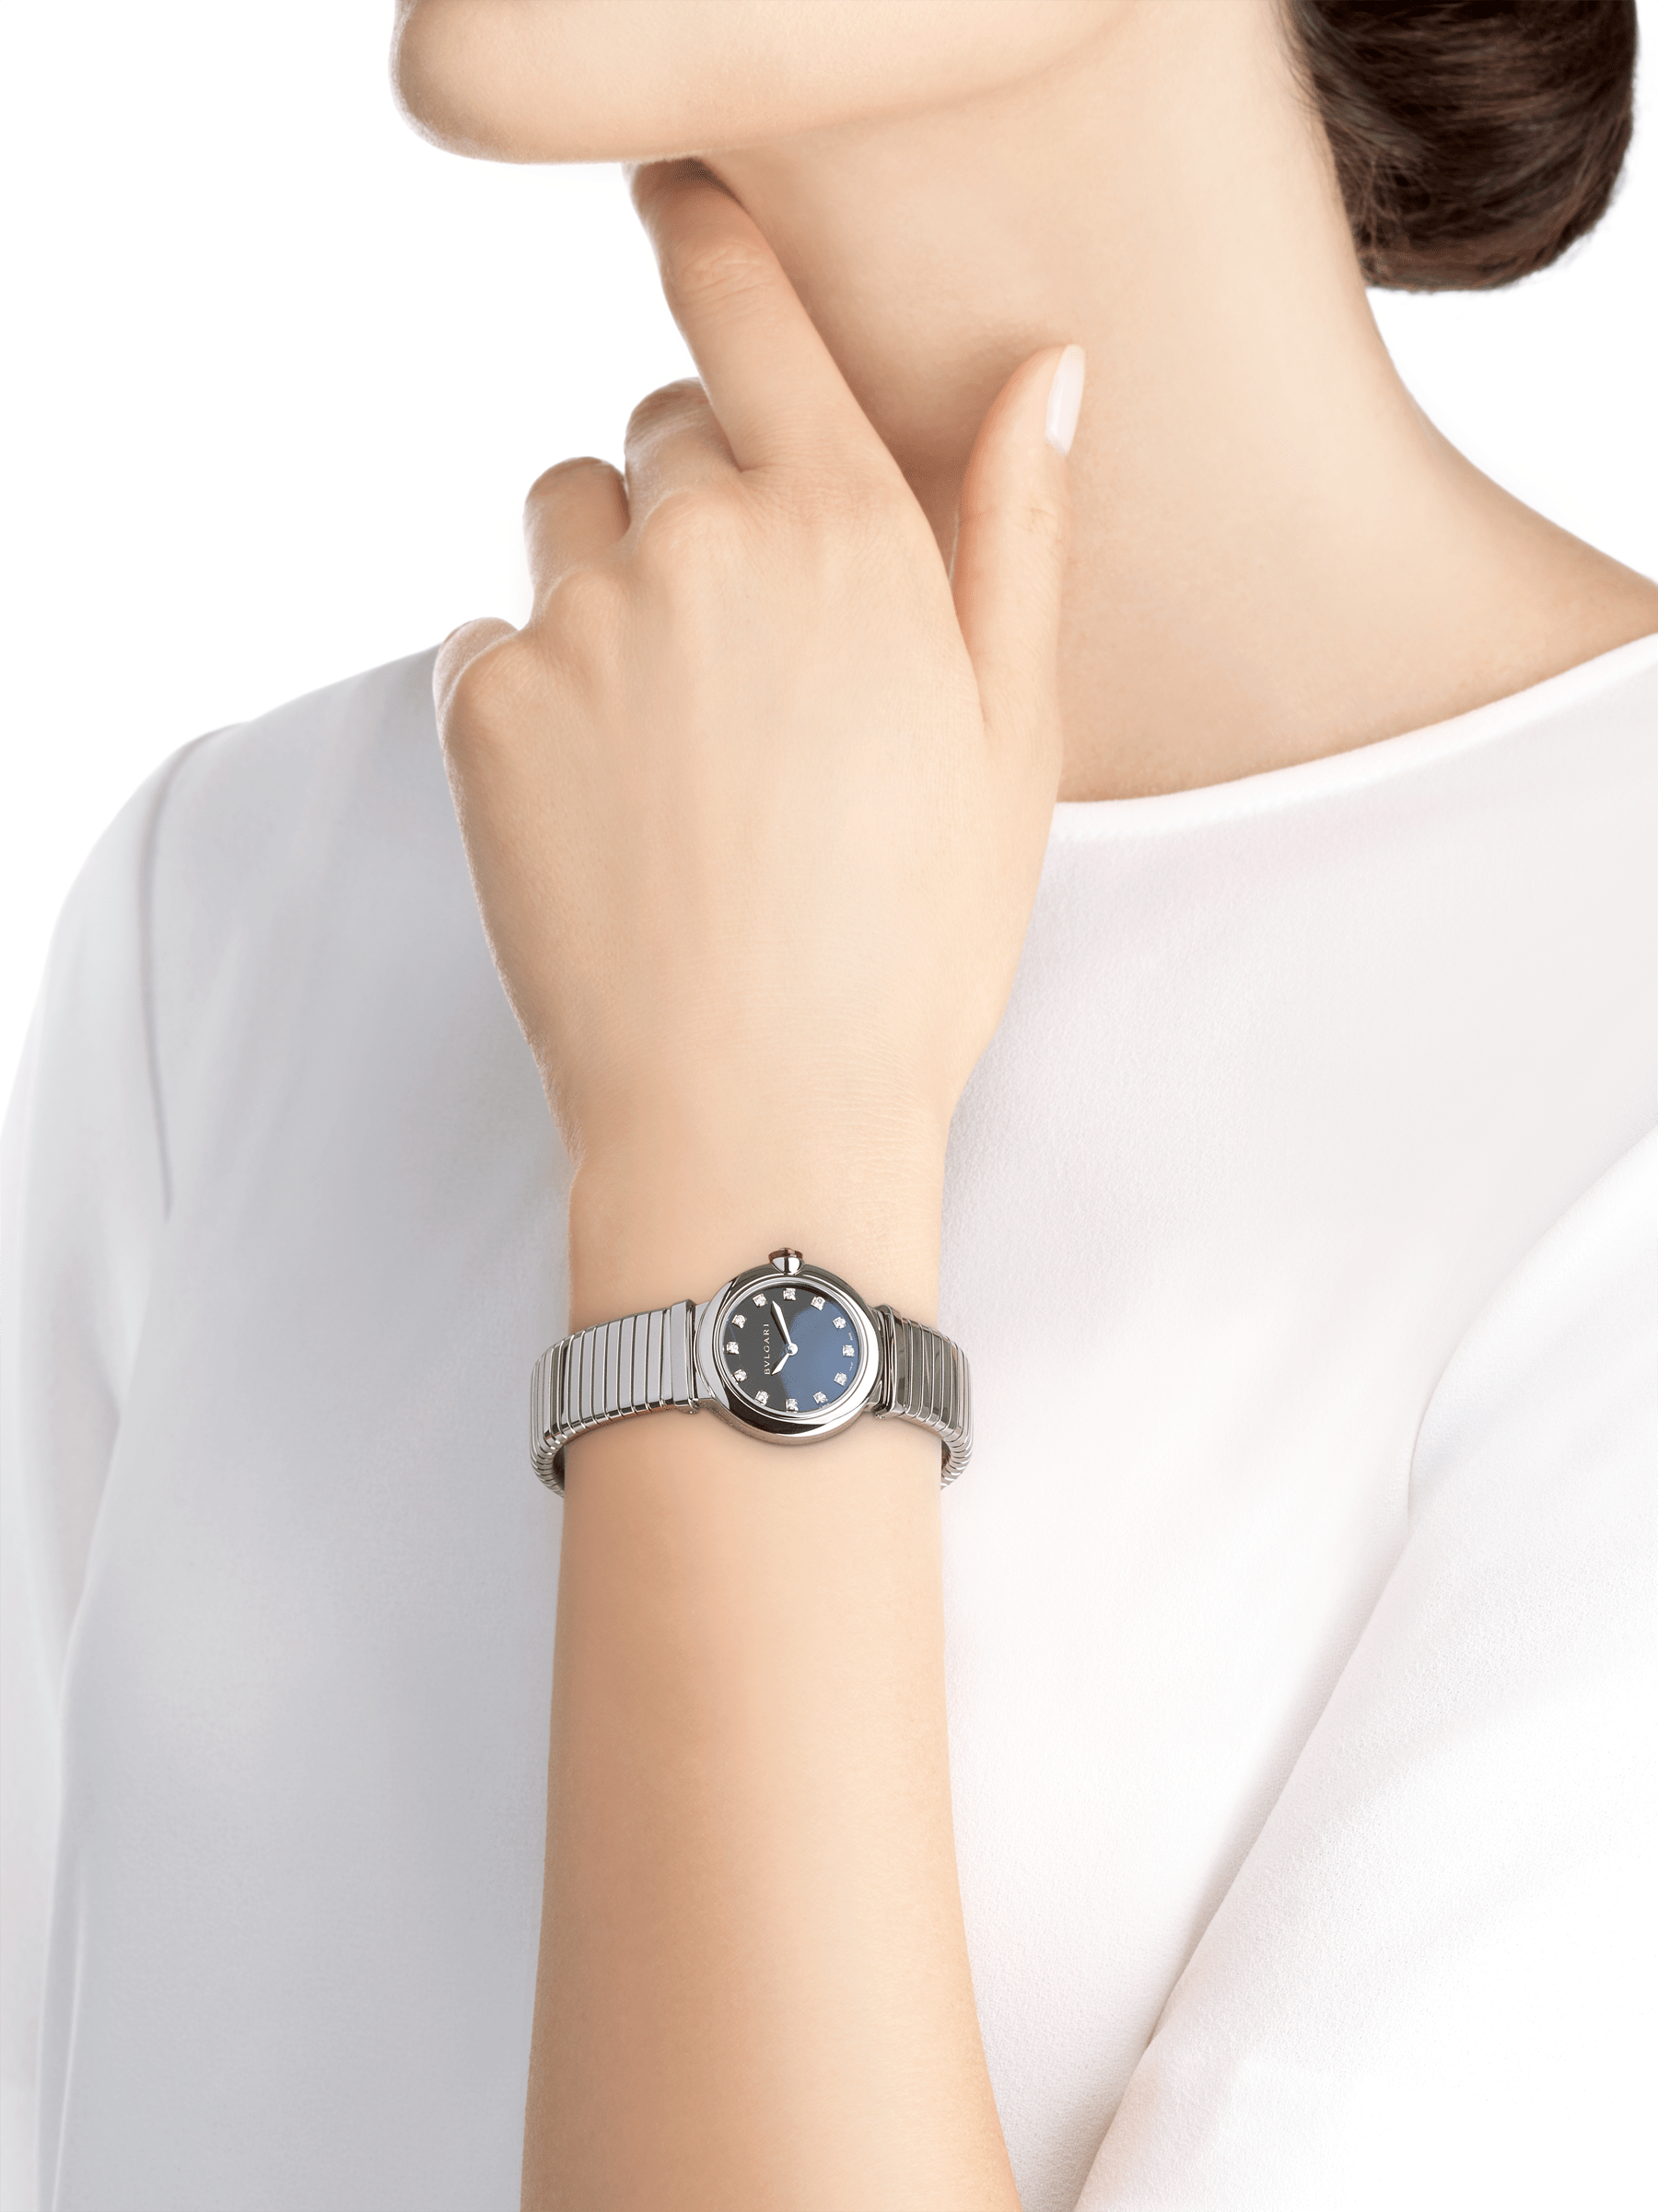 Reloj LVCEA Tubogas con caja y brazalete tubogas en acero inoxidable, esfera lacada en negro y diamantes engastados como índices. 102951 image 3